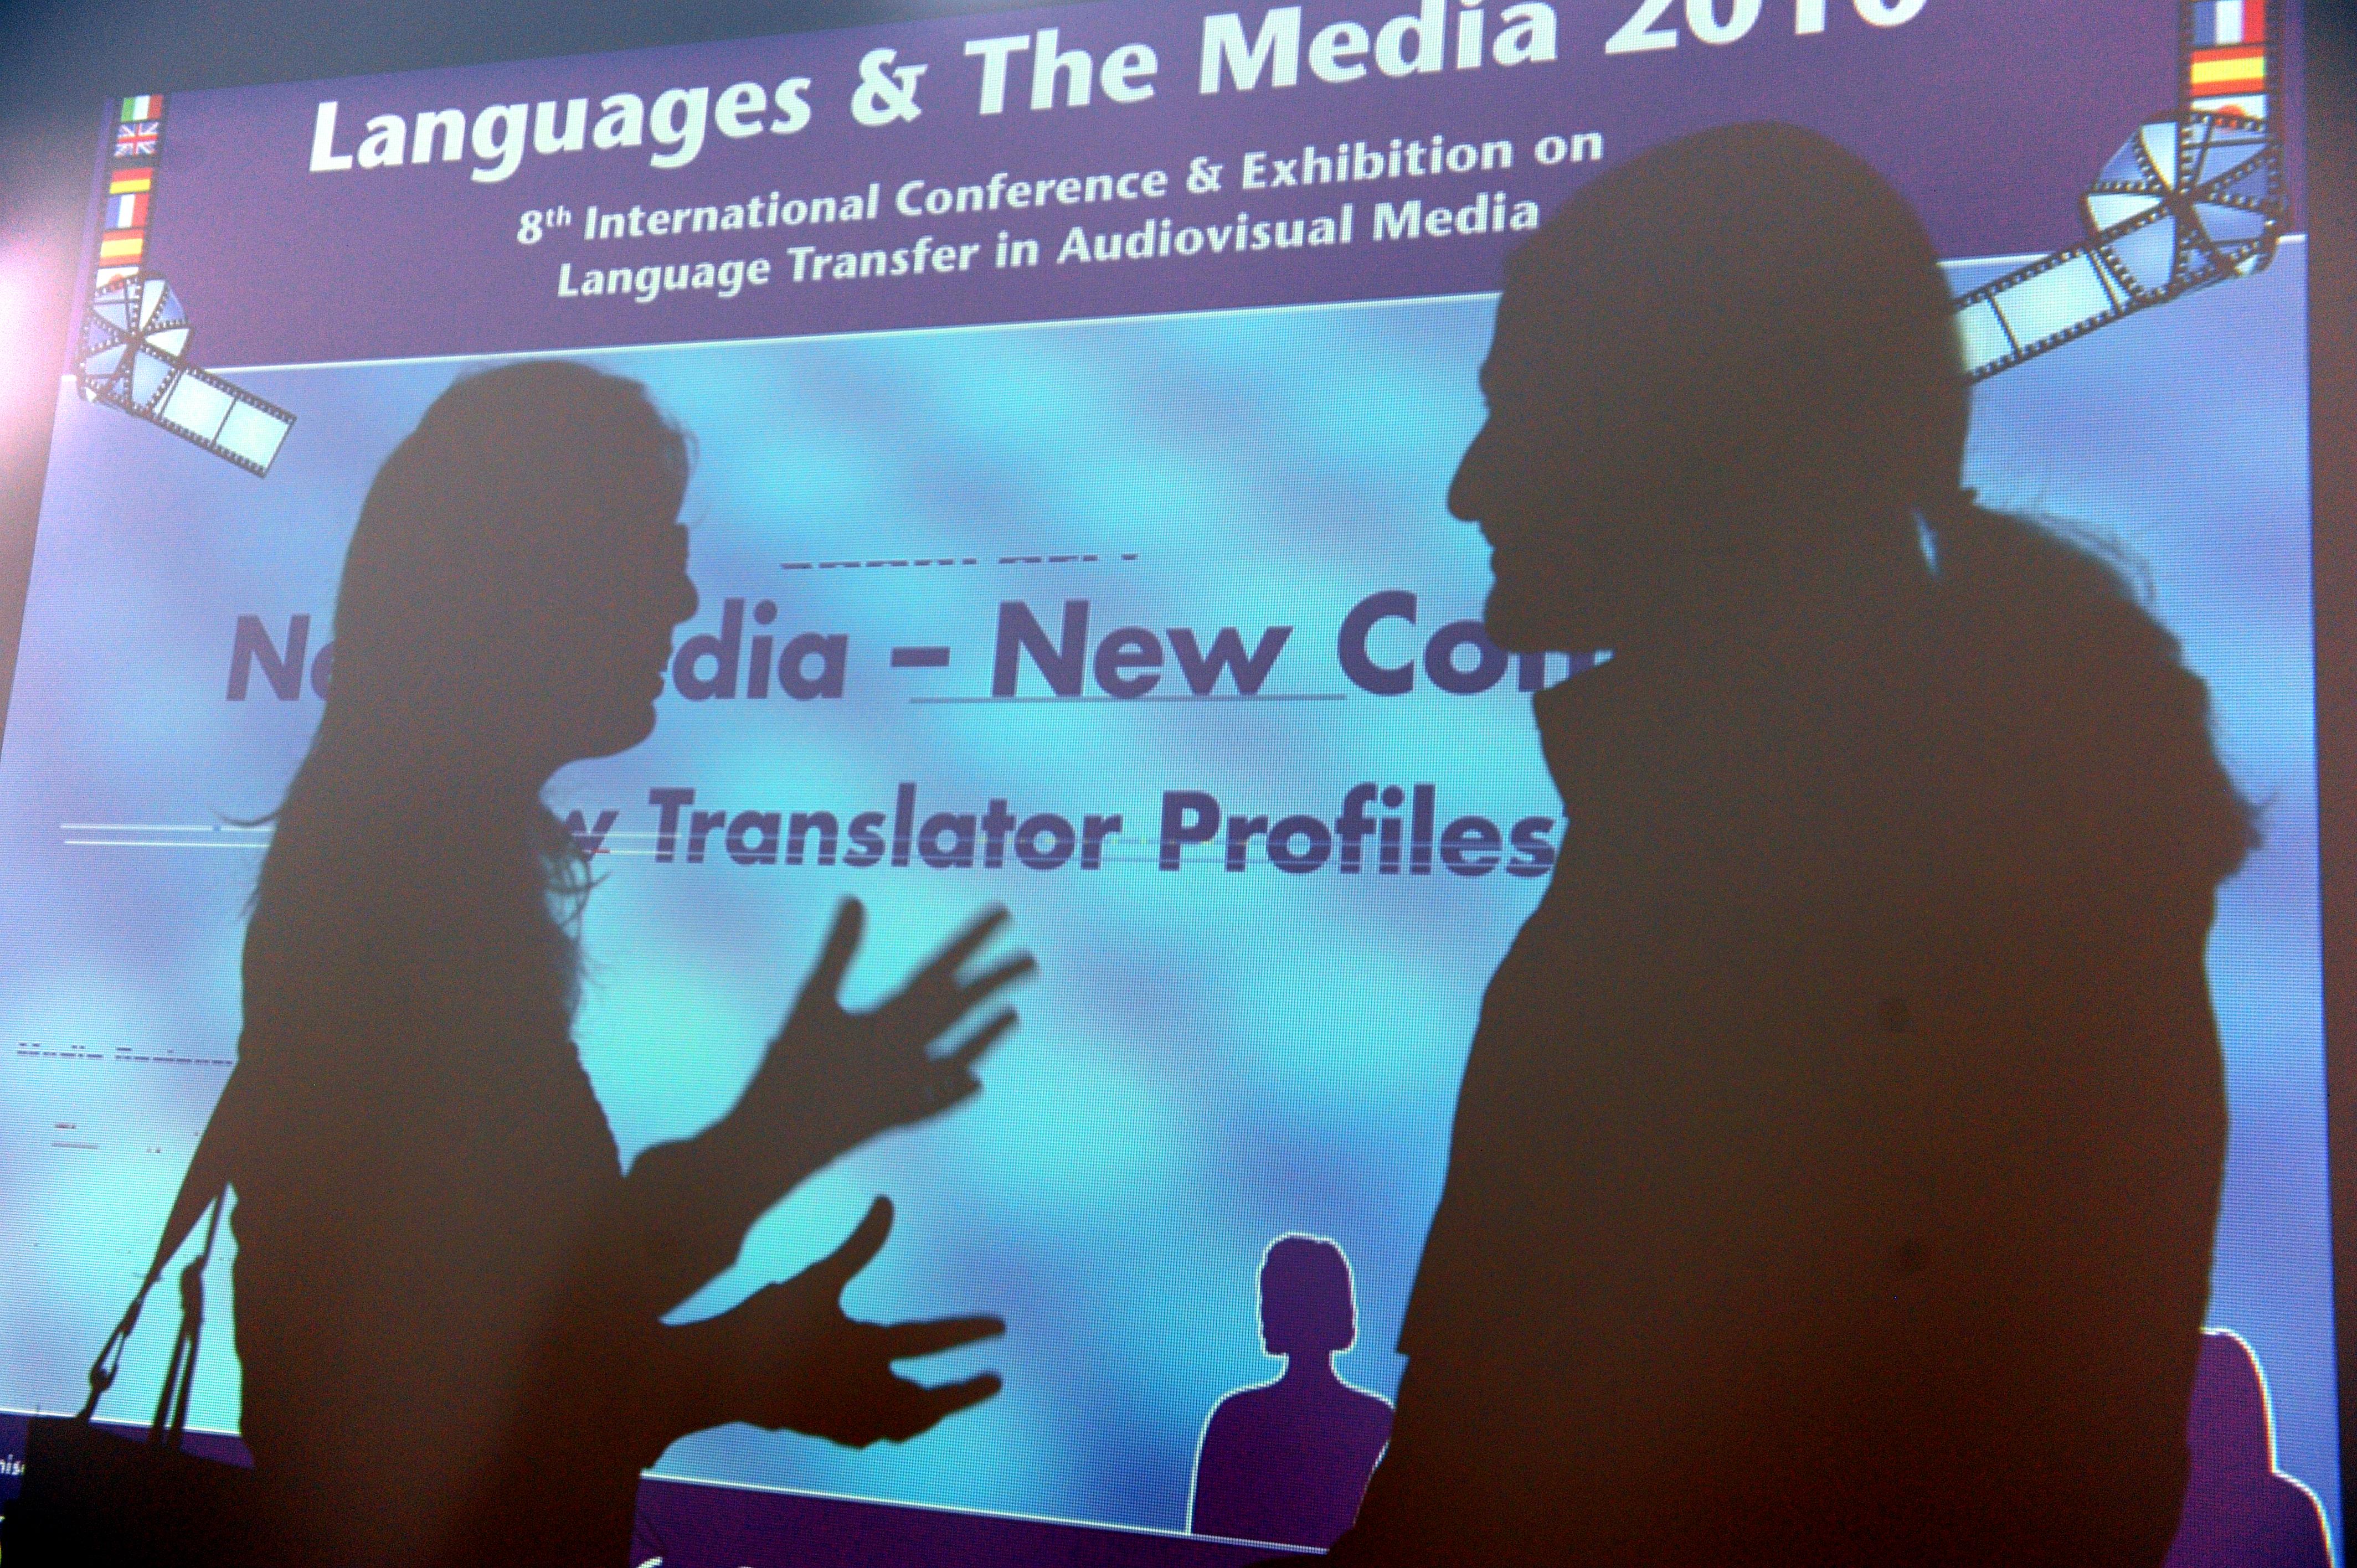 Fachkonferenz Sprachen und Medien: Vortragseinreichung noch bis 31. Mai